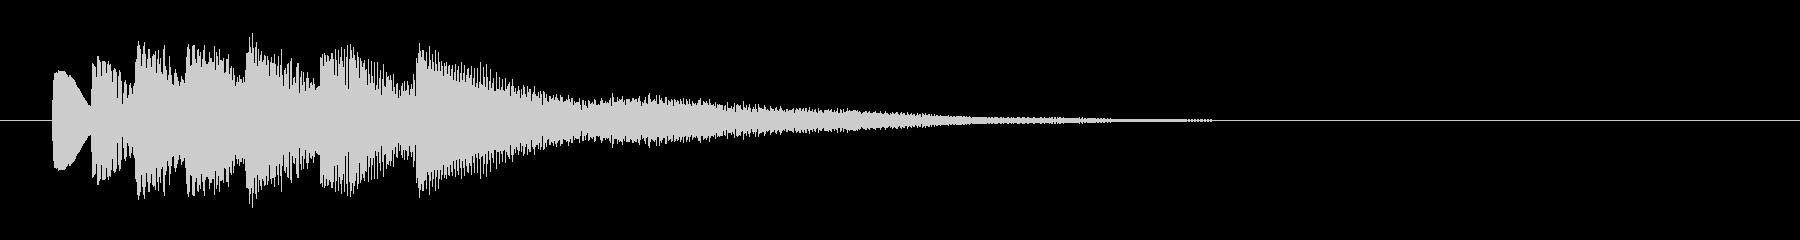 KANT アプリジングル12217の未再生の波形